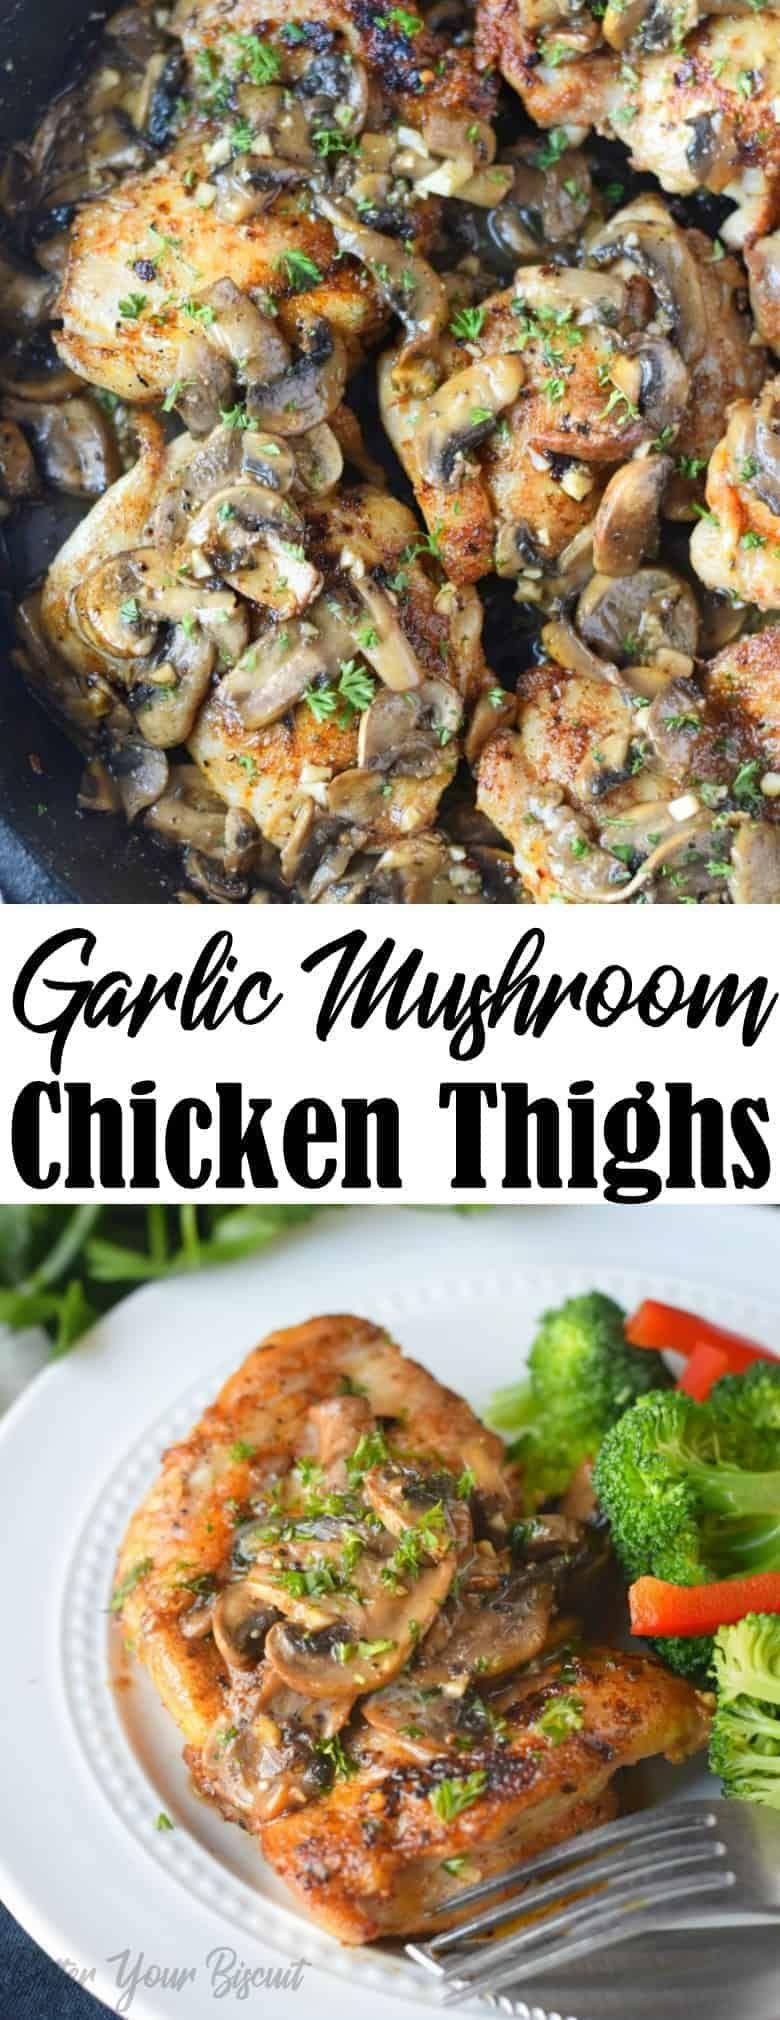 Garlic Mushroom Chicken Thighs Recipe Chicken Mushroom Recipes Stuffed Mushrooms Garlic Mushrooms